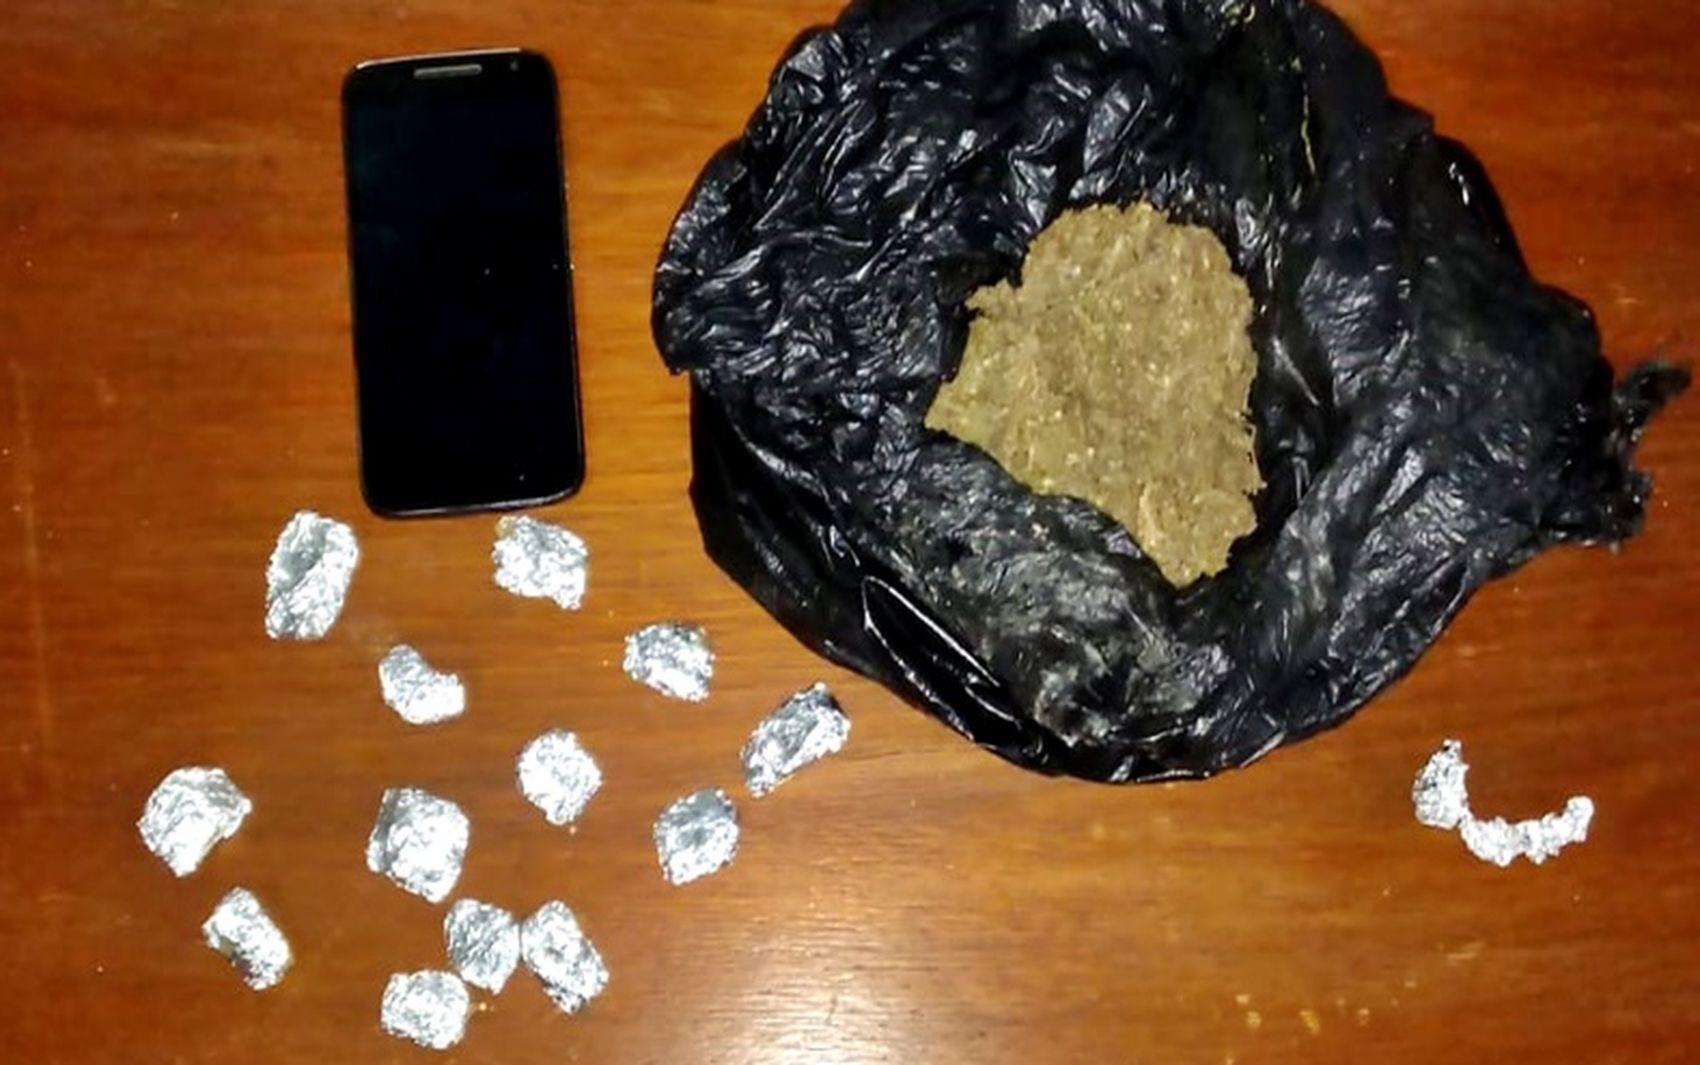 Homem é preso com drogas na Zona Rural de Lagarto - Notícias - Plantão Diário